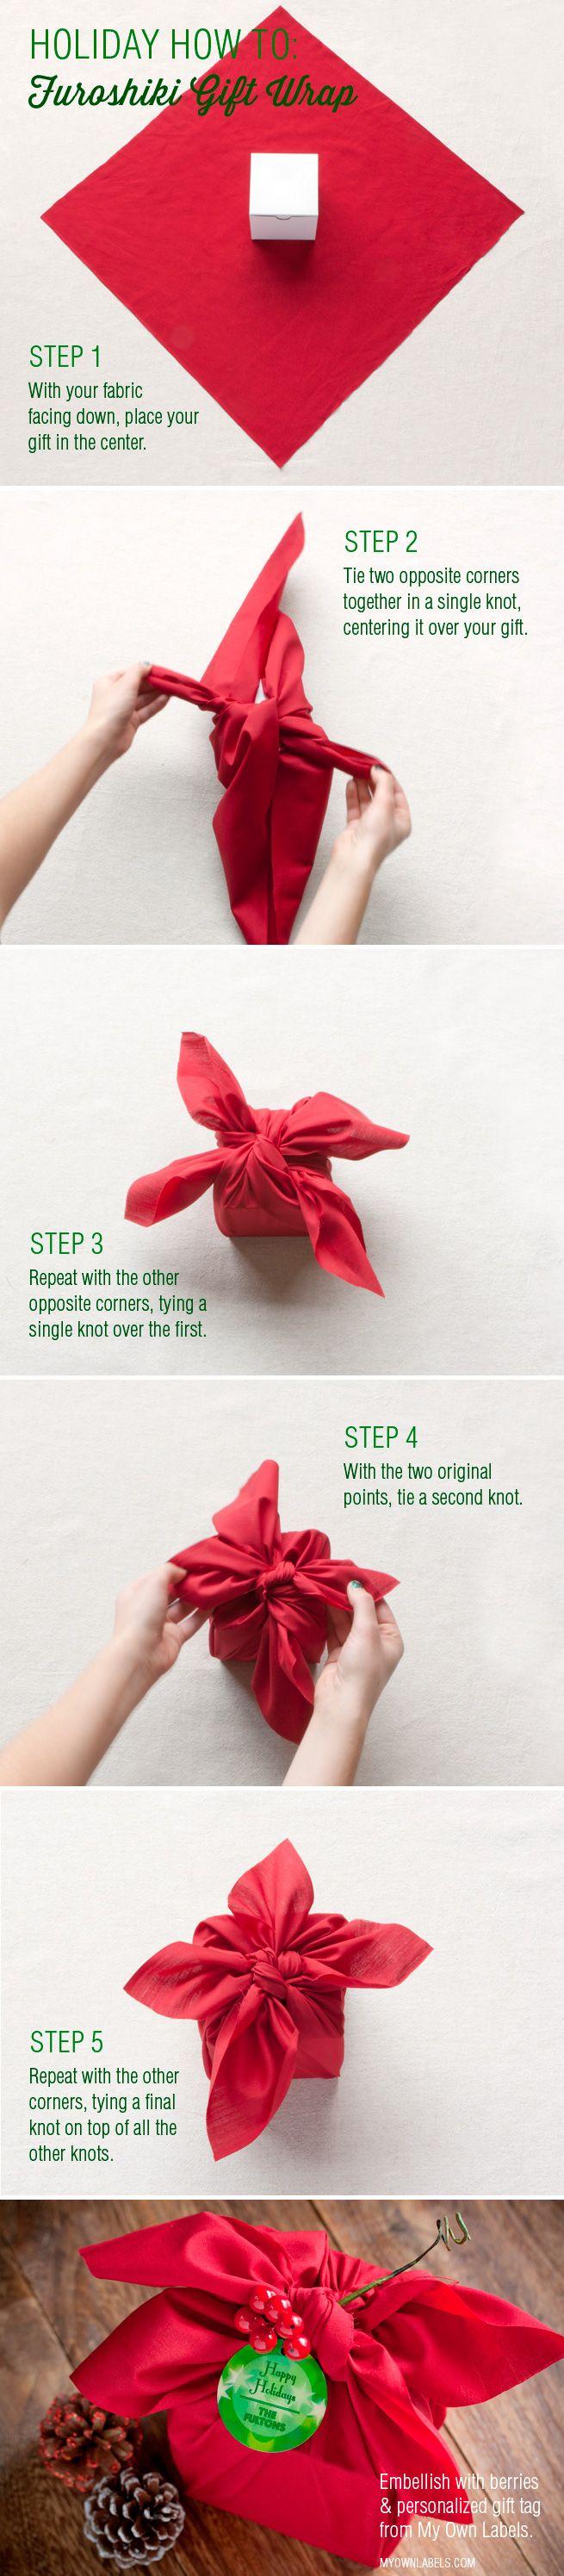 Christmas Inspiration ● Gift Wrapping ● Furoshiki Gift Wrap